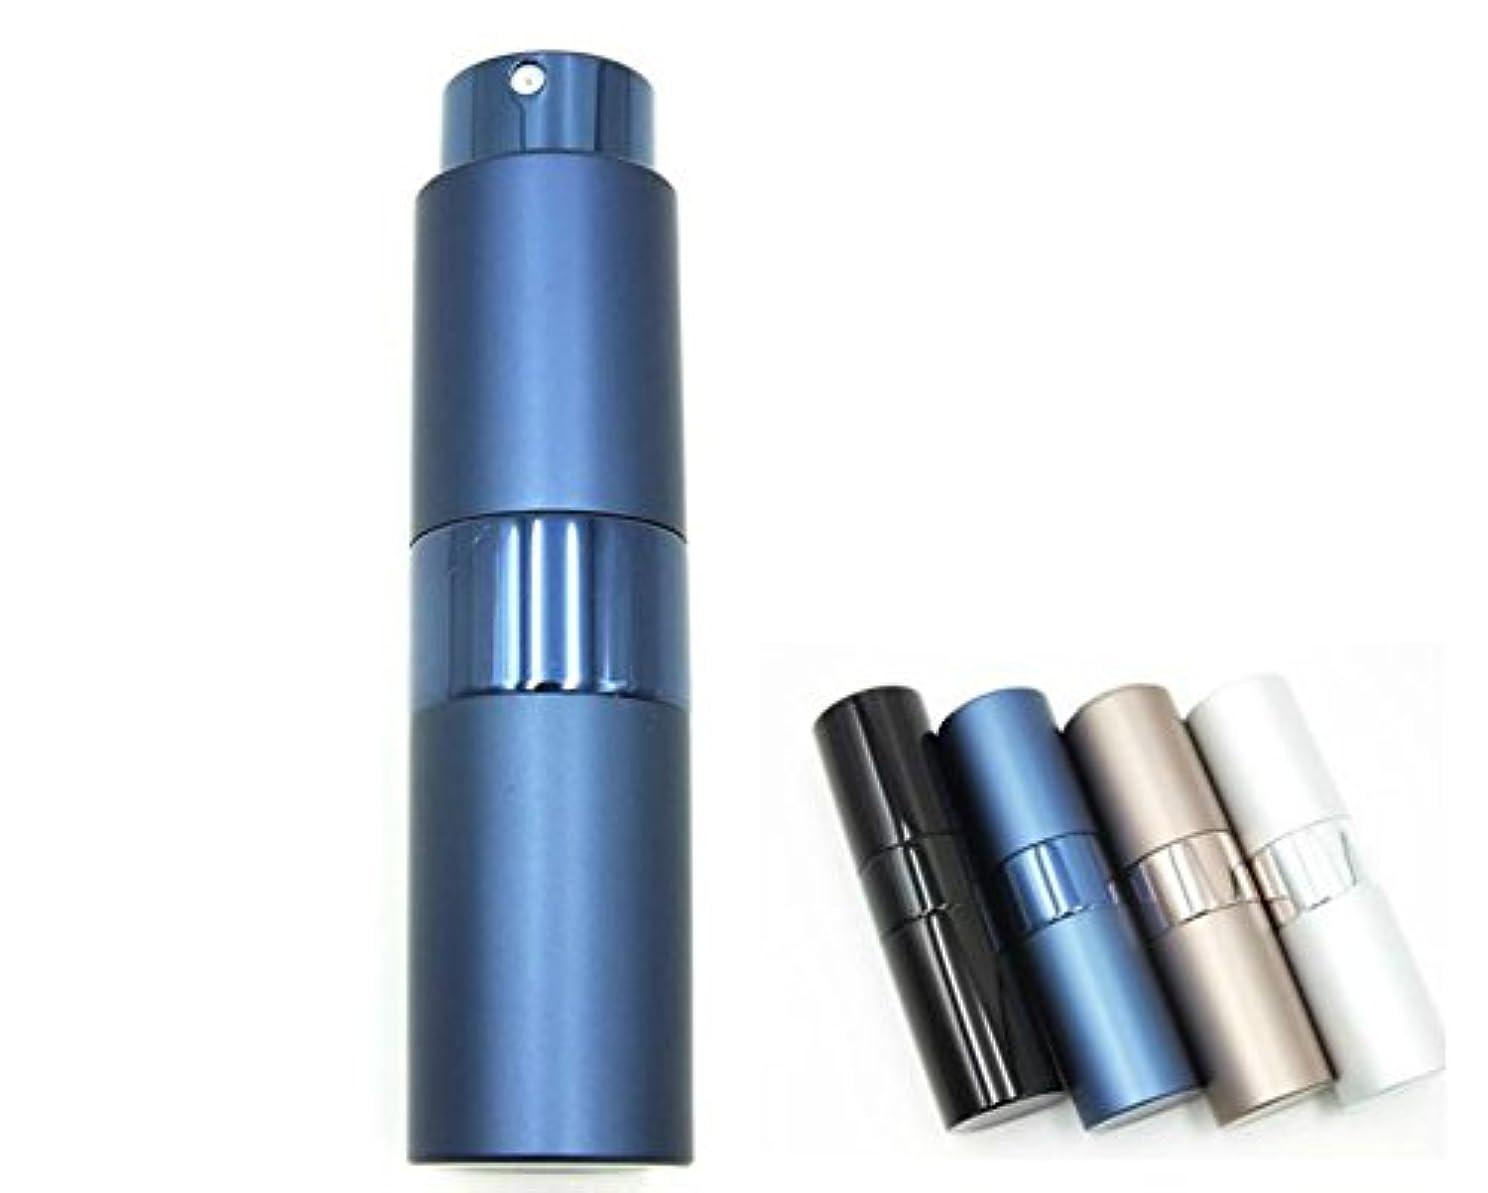 言うハーネス検索エンジンマーケティングShopXJ 香水 メンズ アトマイザー 大人 男性 プッシュ式 詰め替え 持ち運び 身だしなみ 携帯用 15ml (ネイビー)